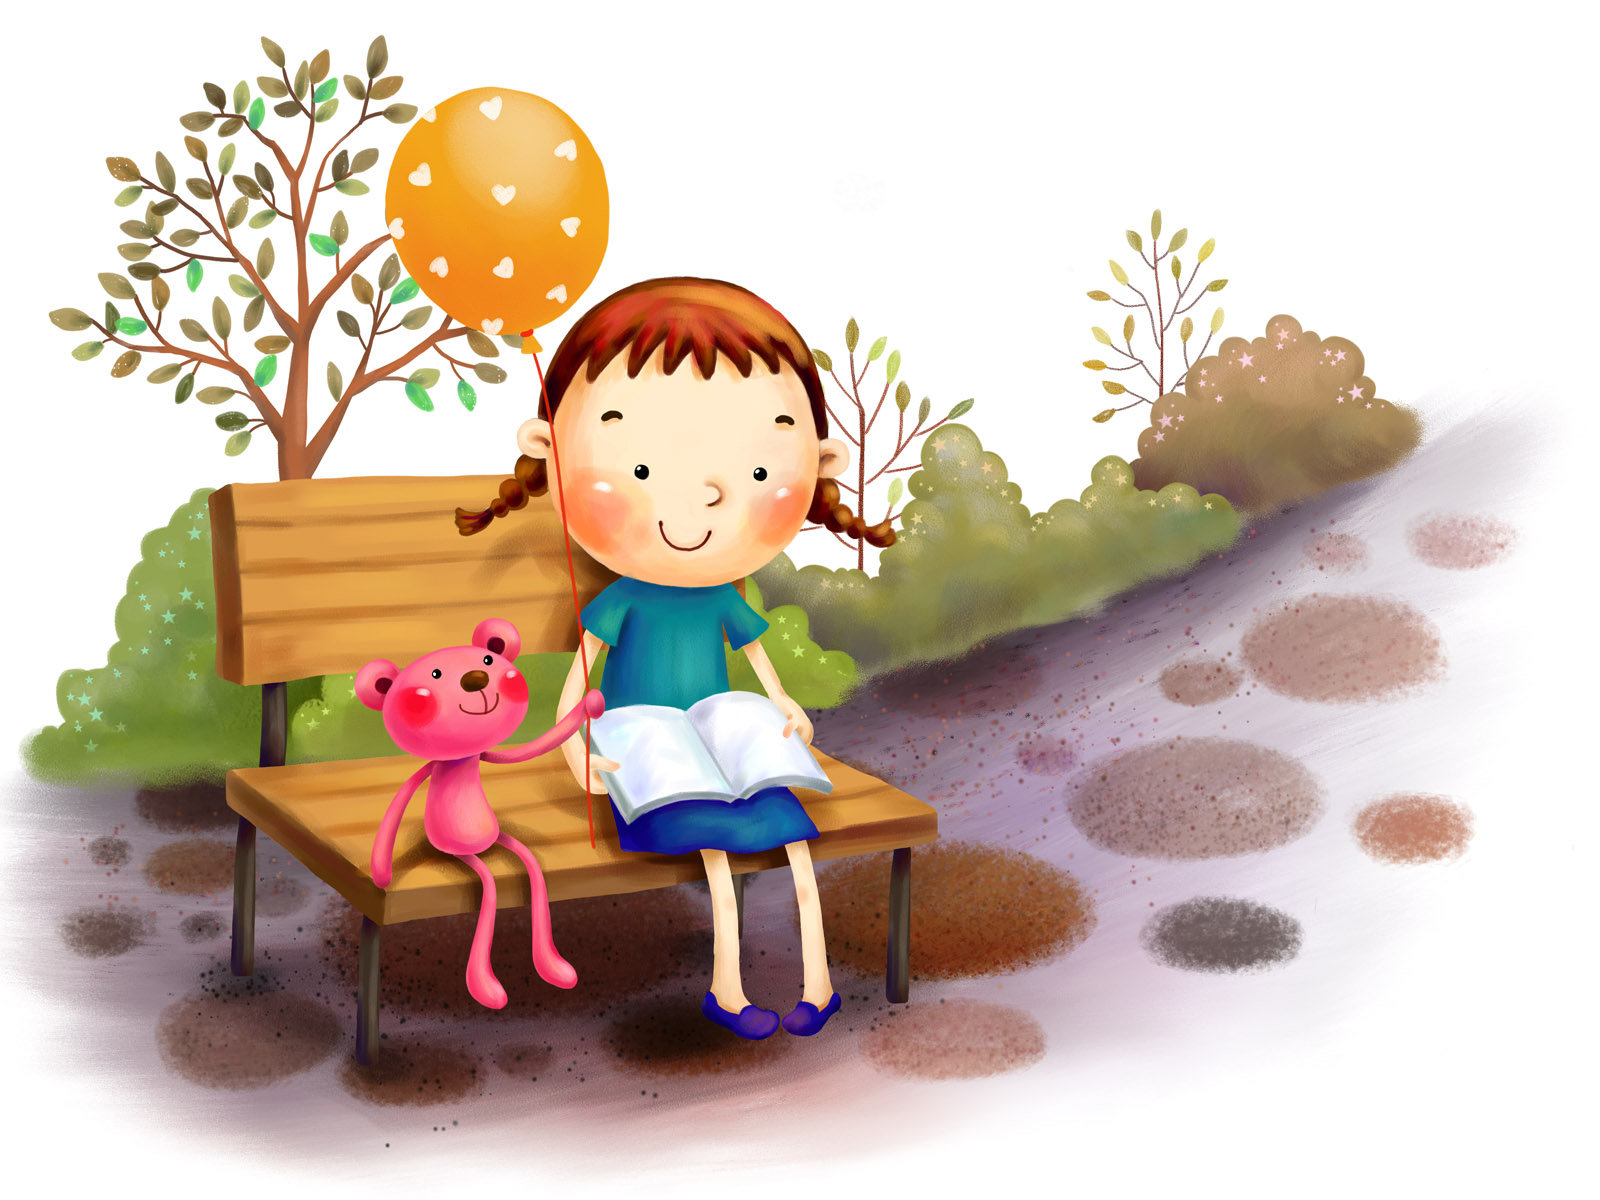 Banco de im genes 40 dibujos para todos los peques feliz for Wallpaper bambini